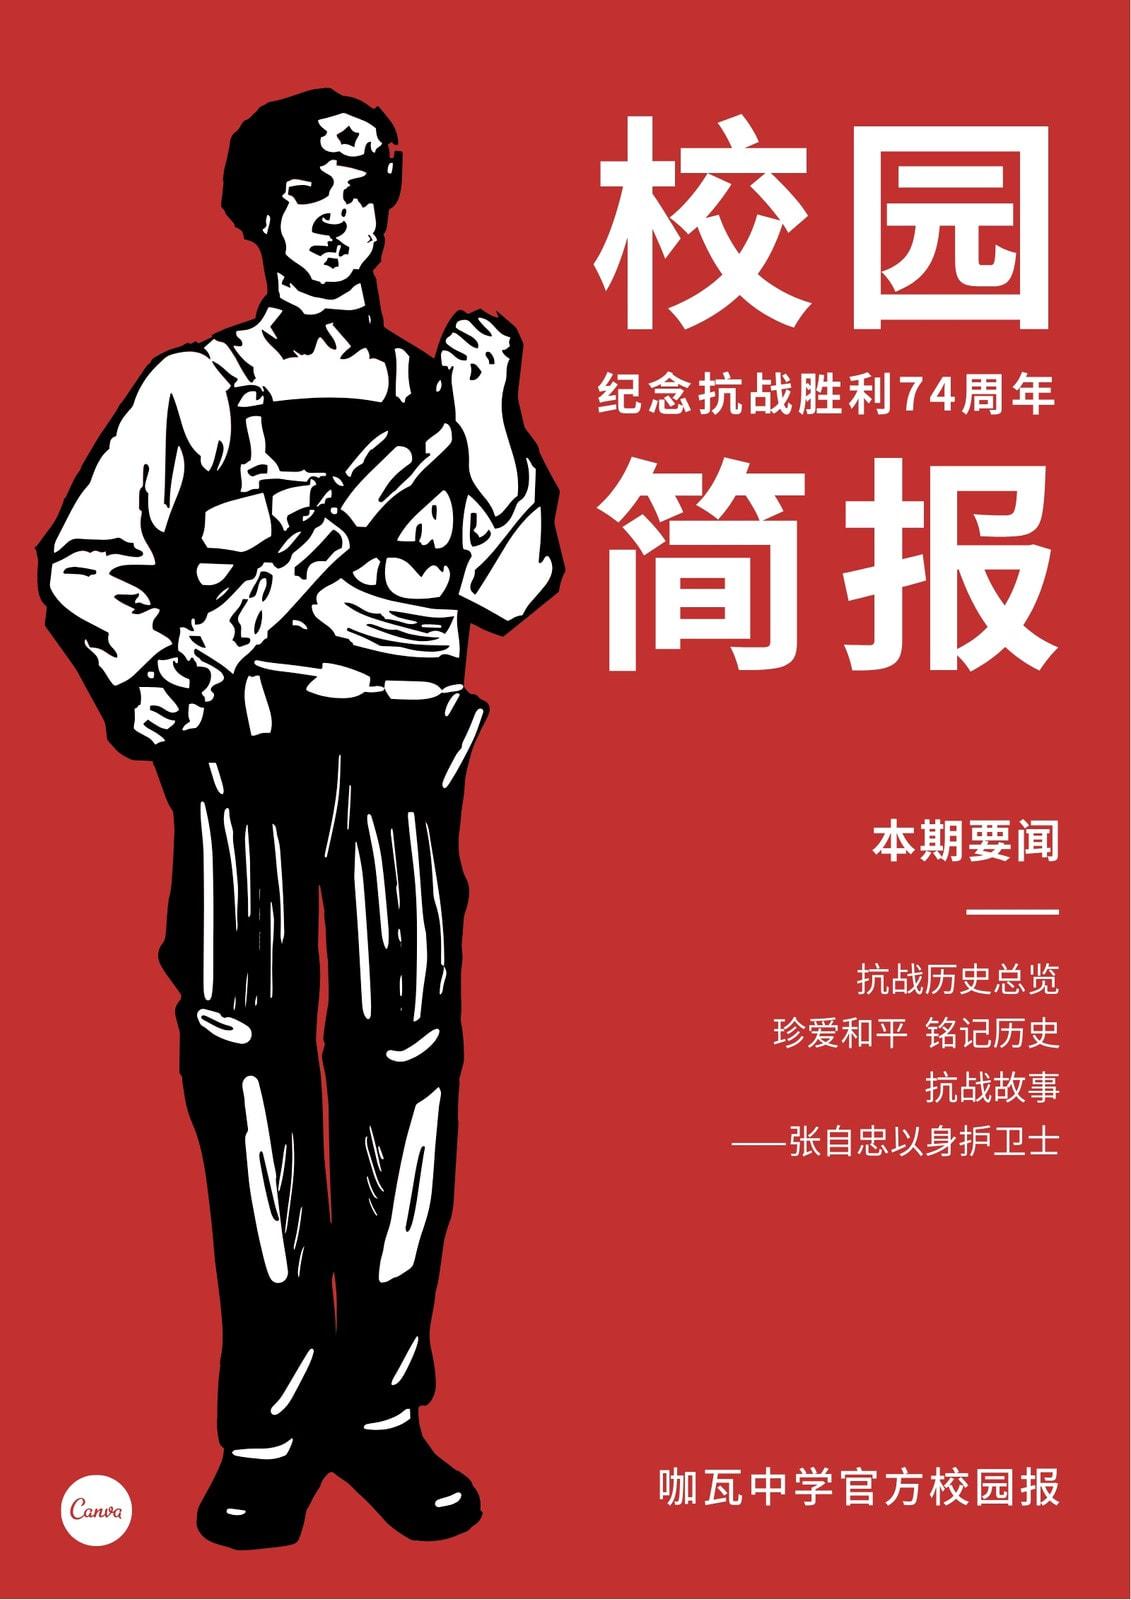 红白色军人站岗中国人民抗日战争纪念日创意简报